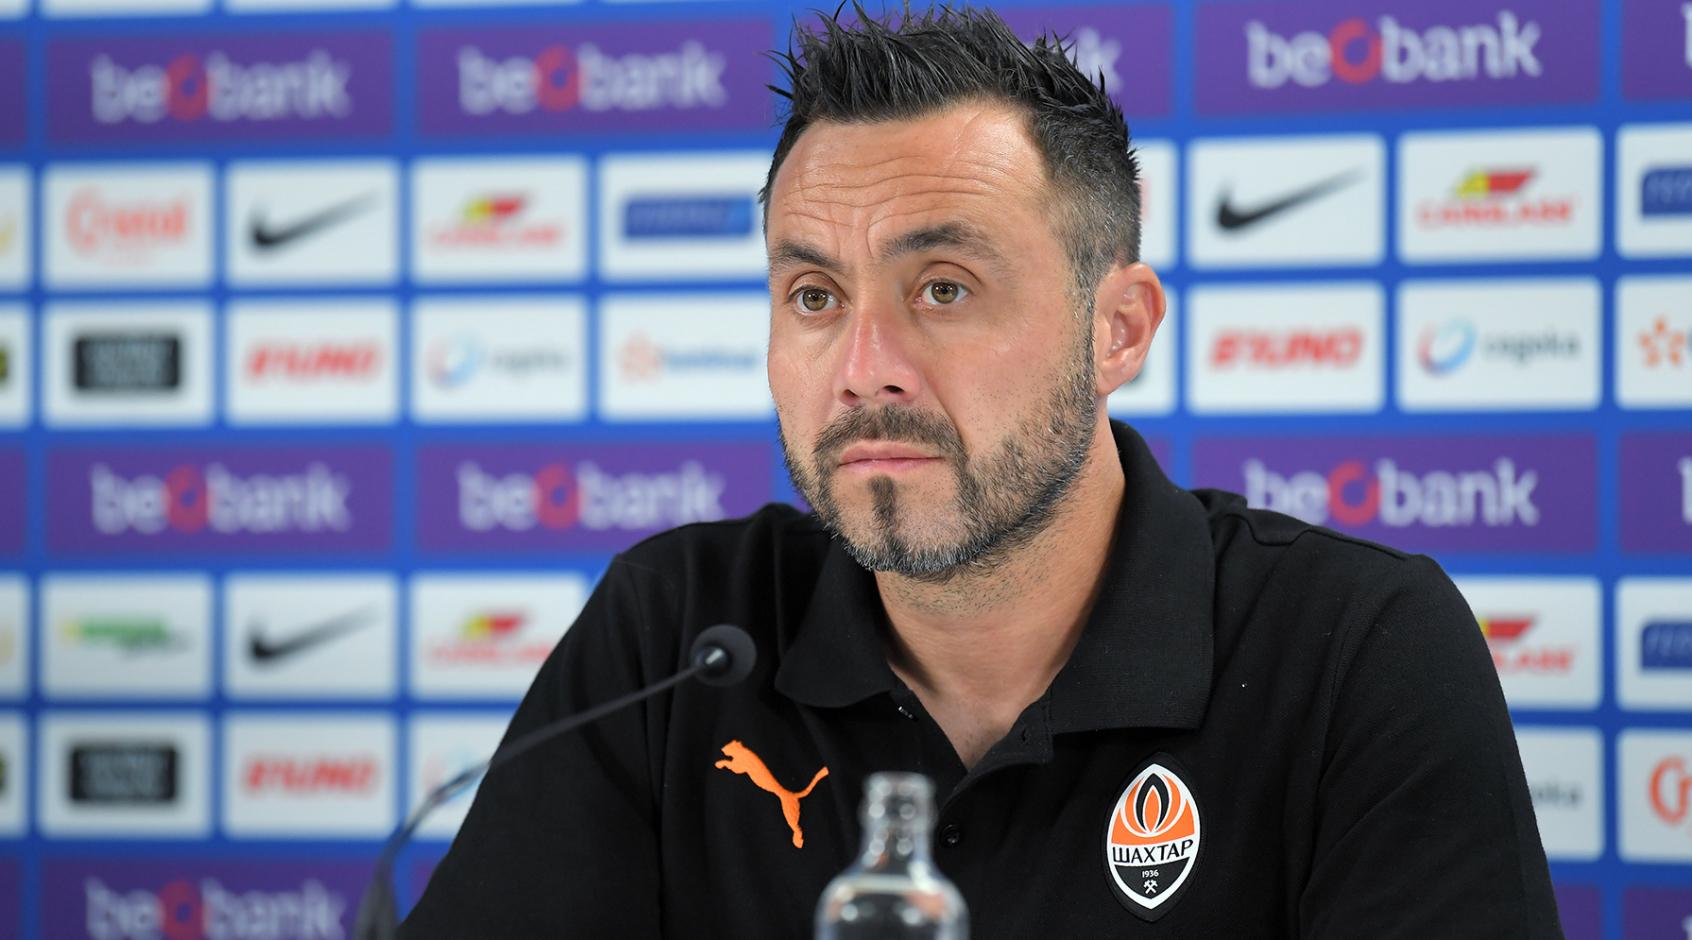 """Роберто Де Дзерби: """"Считаю, что """"Генк"""" будет действовать более открыто, чем клубы чемпионата Украины"""""""